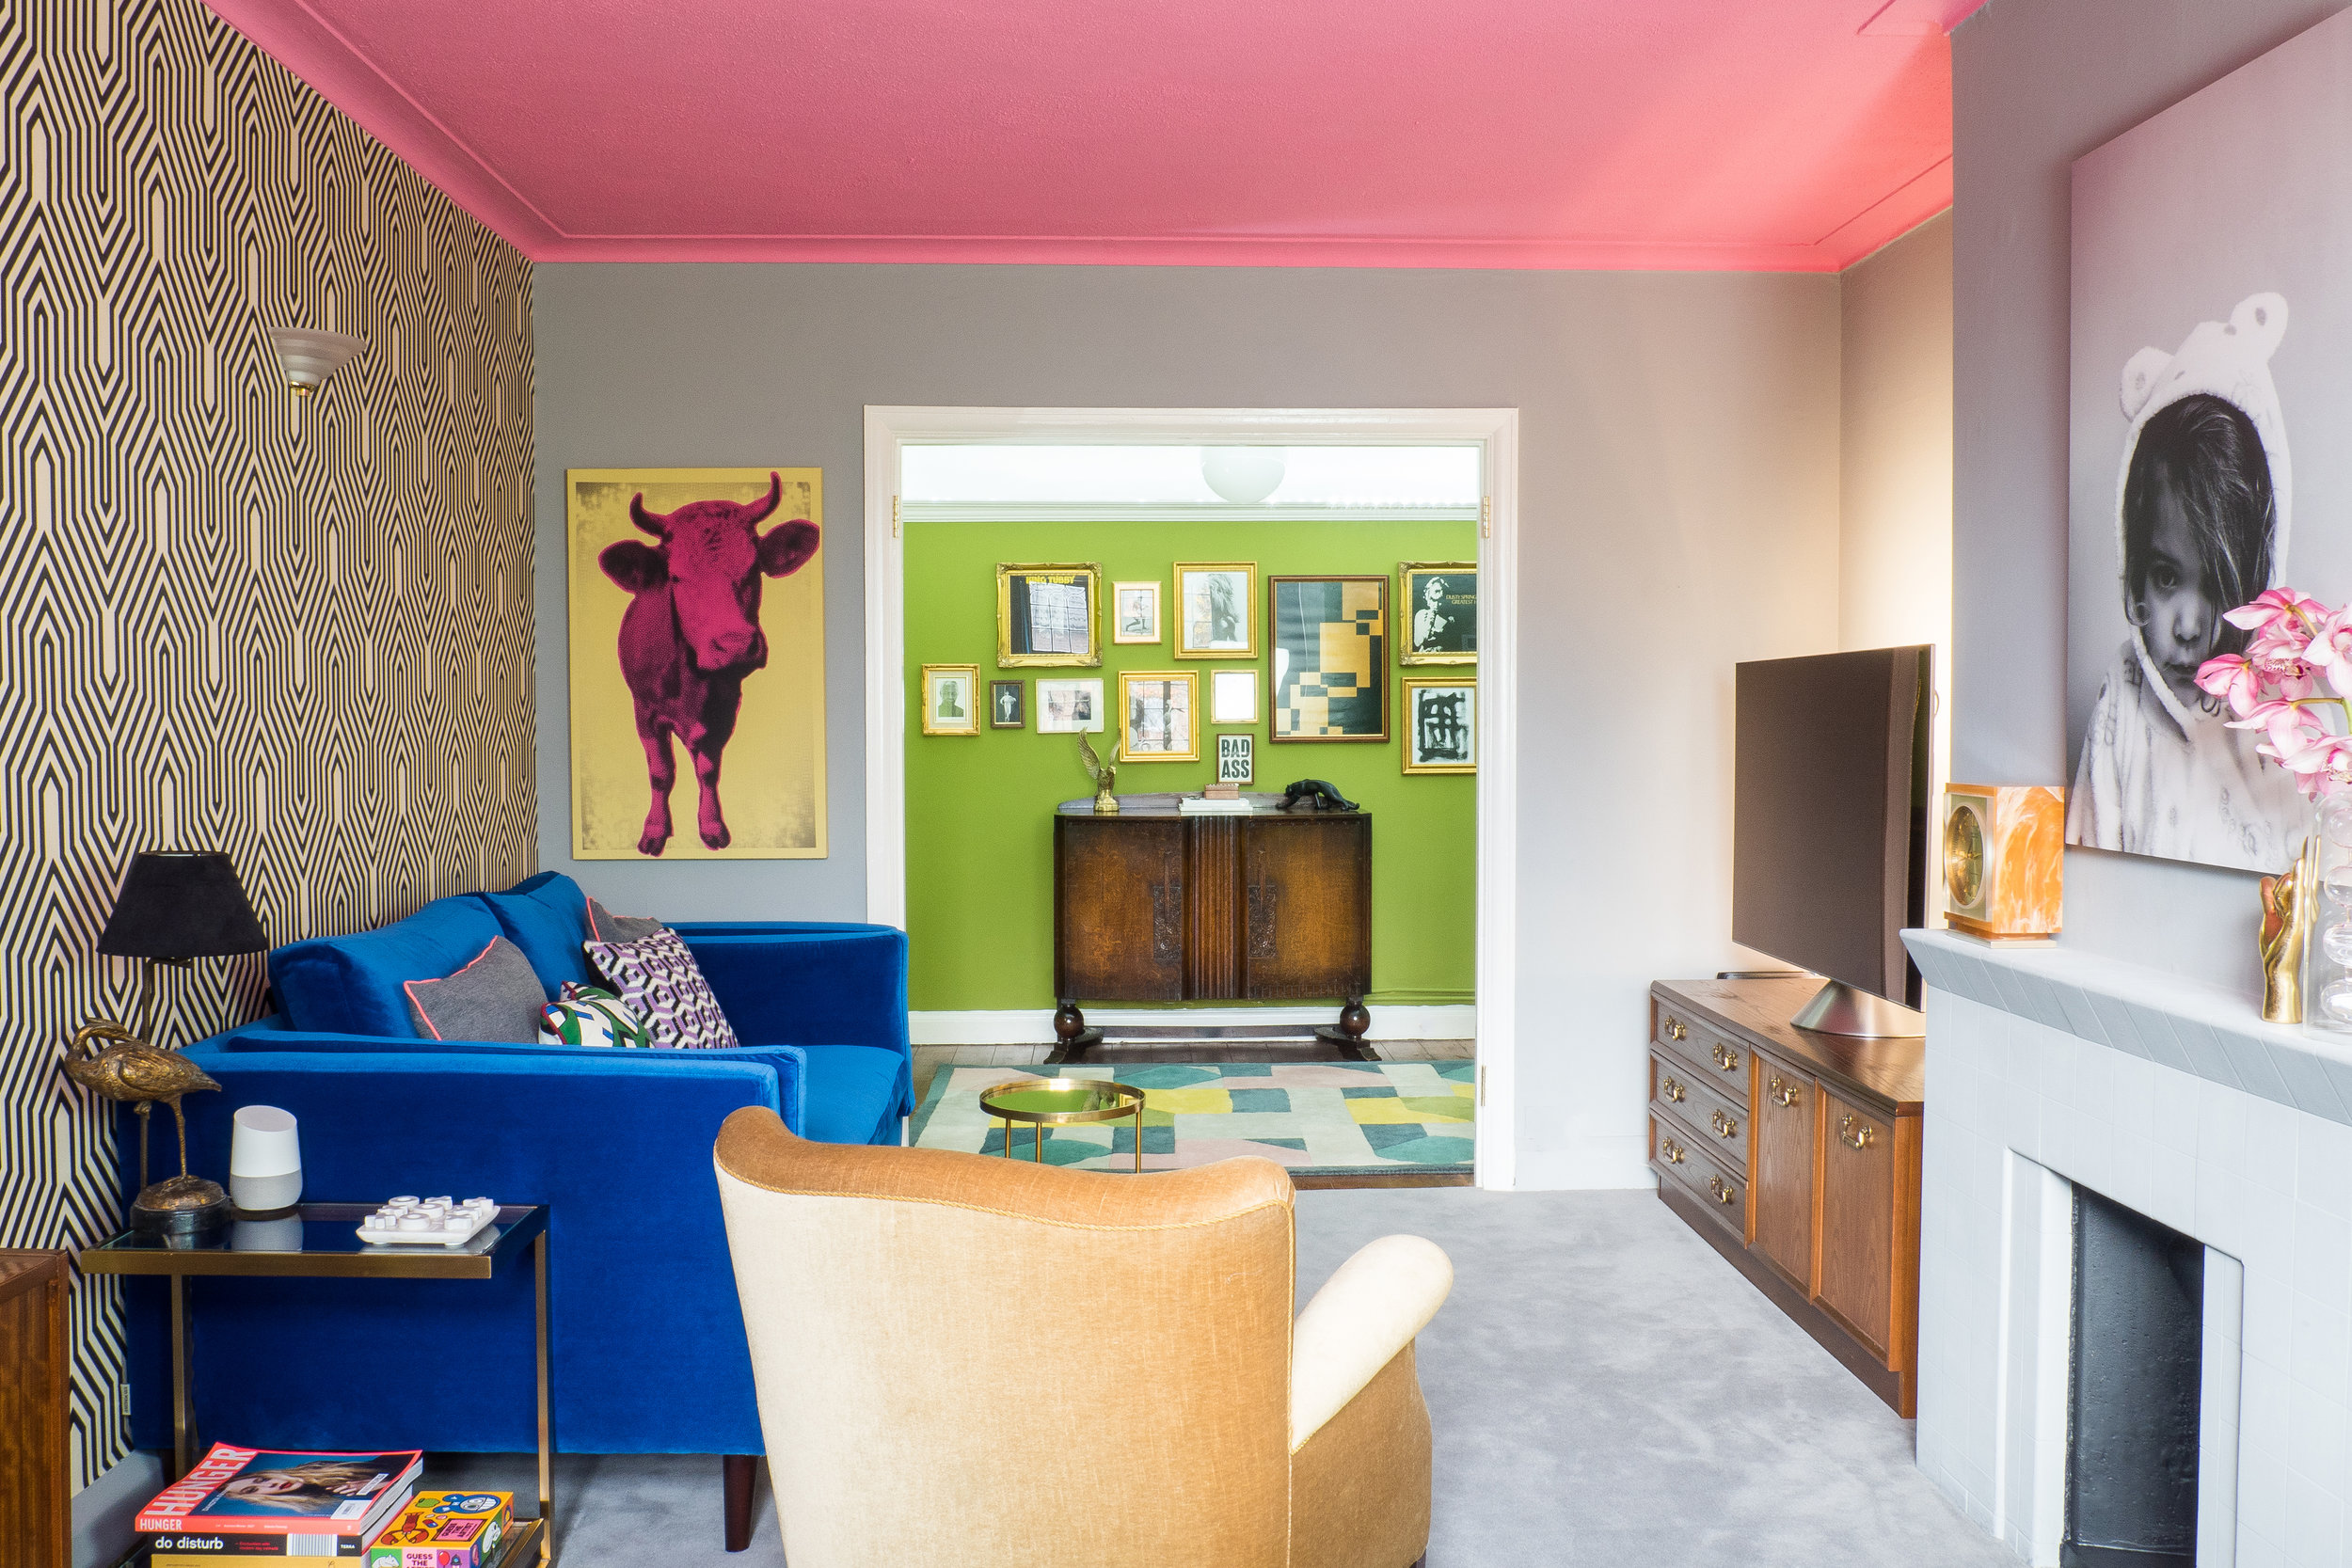 livingroomreveal_SA_HiRes_010.jpg